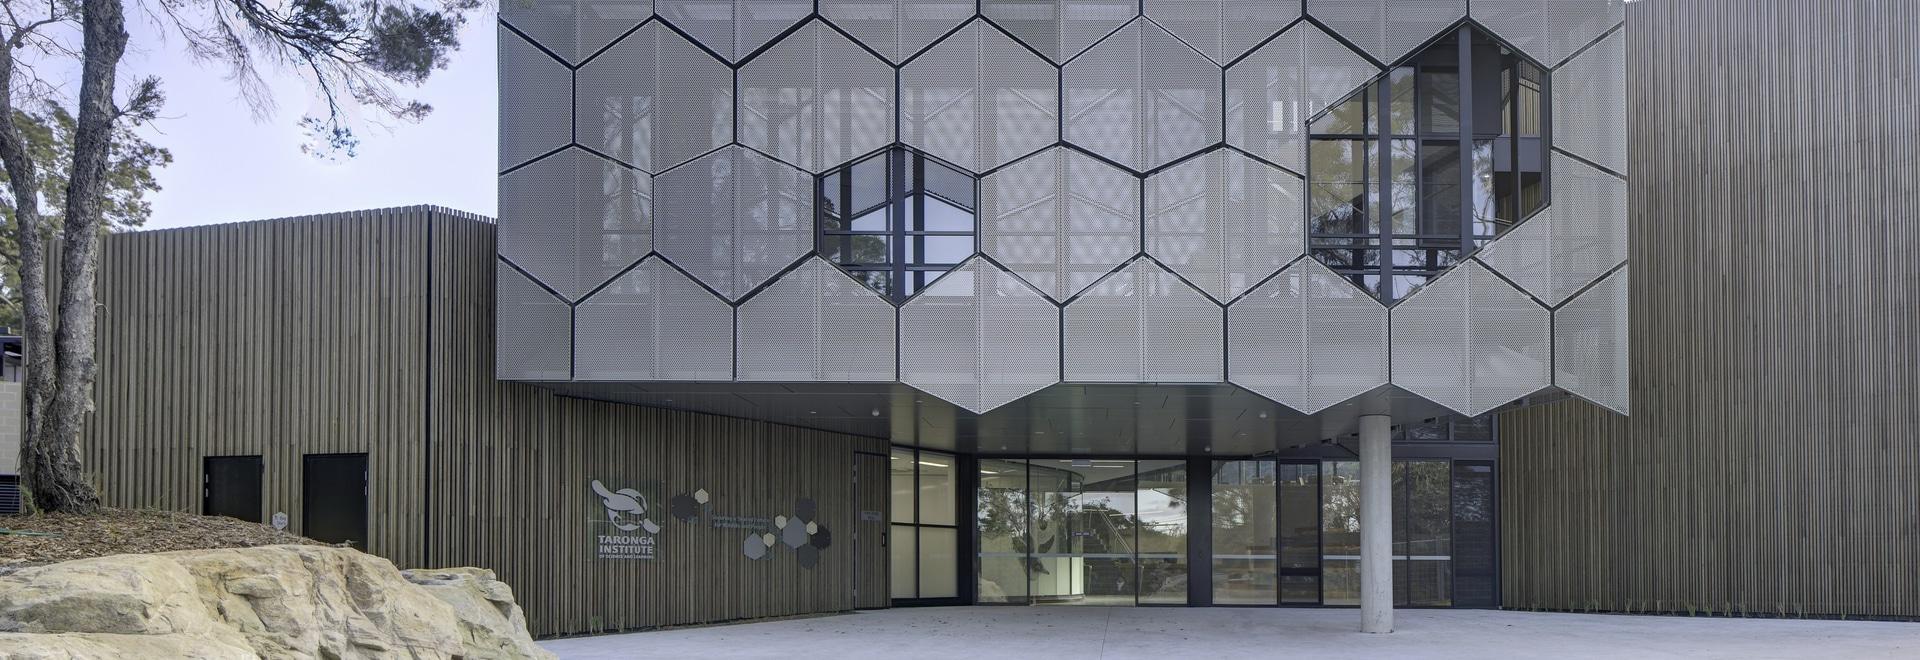 Instituto de Taronga de la ciencia y del aprendizaje